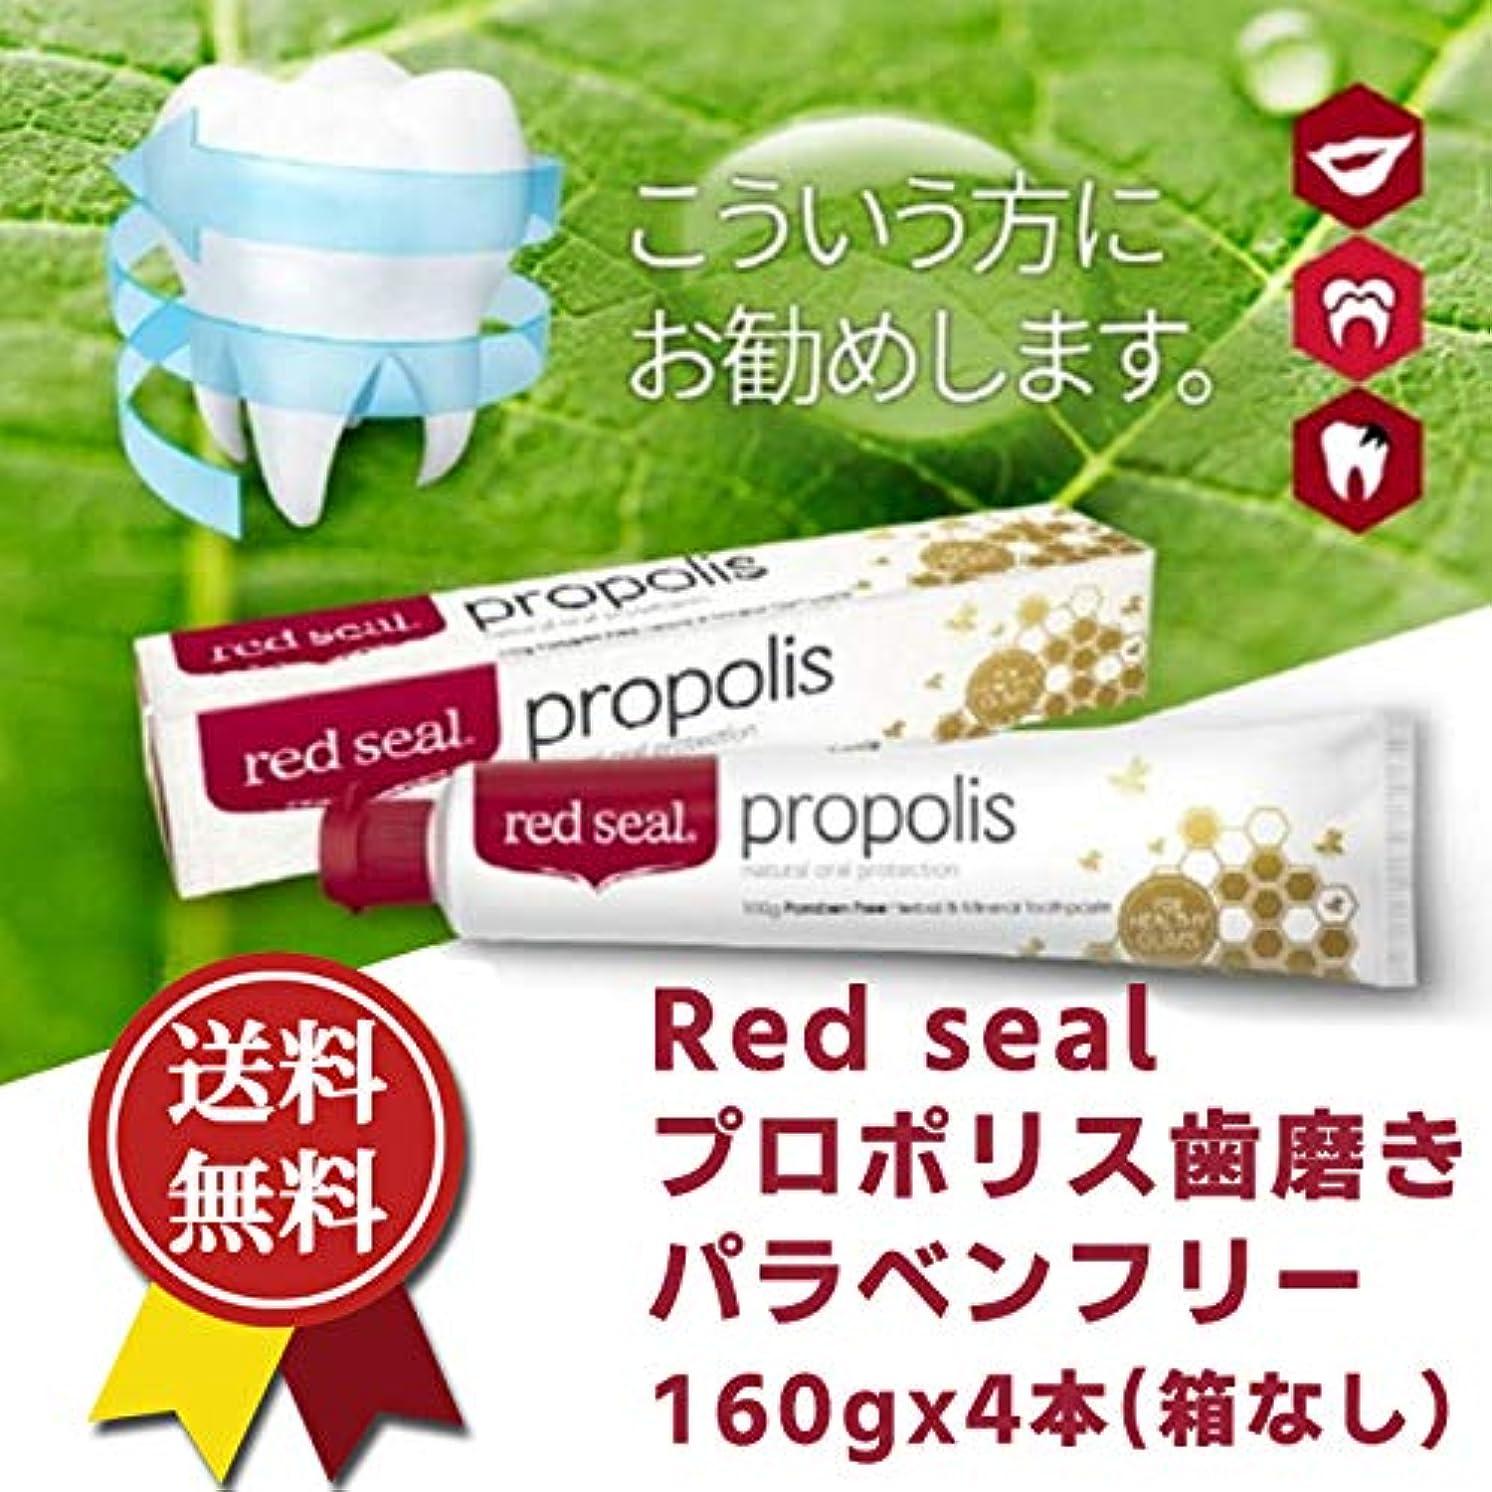 満足させるソーダ水満足させる★送料無料★red seal レッドシール プロポリス 歯磨き粉160gx4本 RED SEAL Propolis Toothpaste